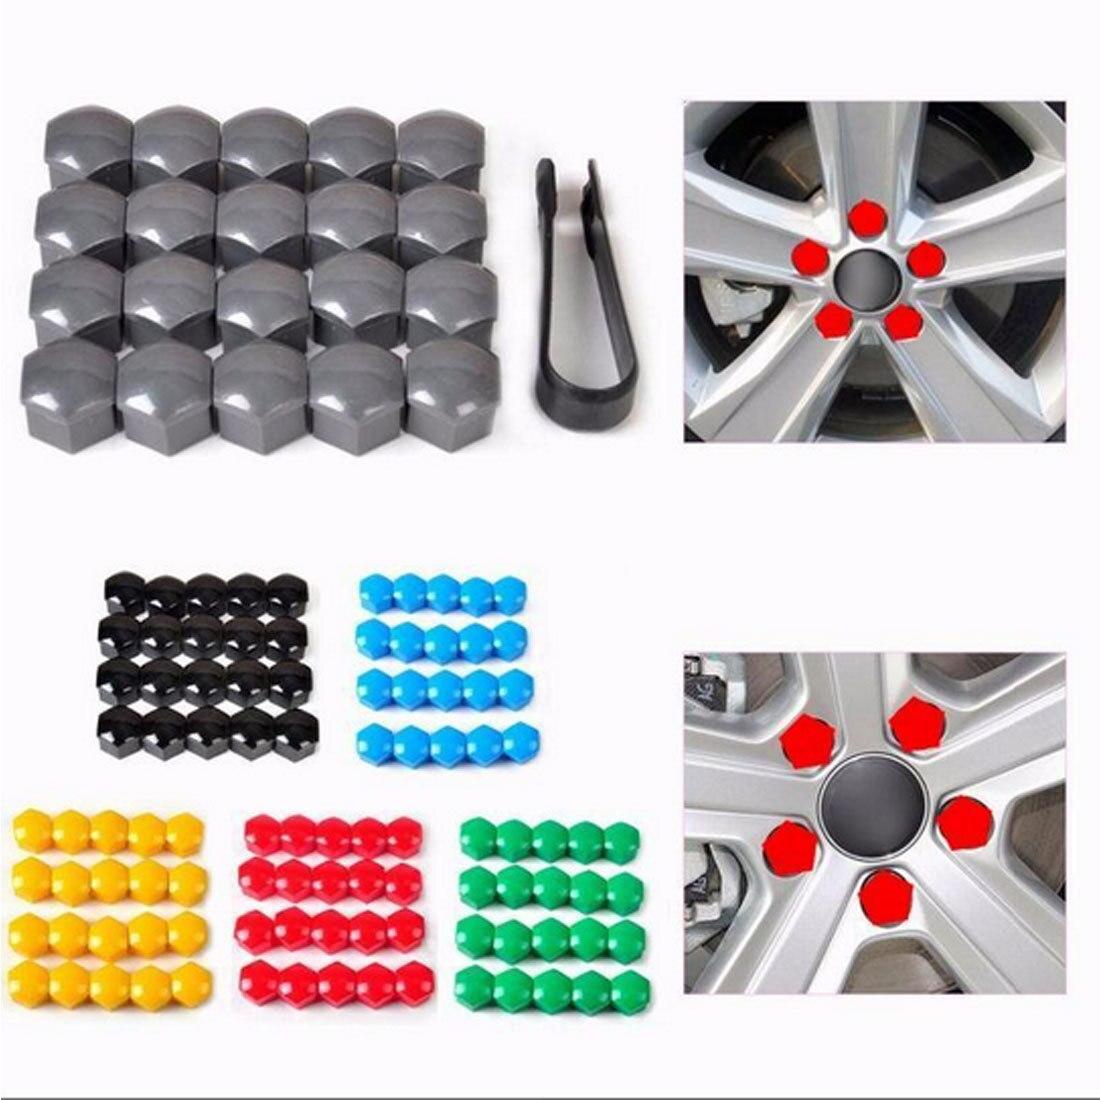 Tampa de parafuso do pneu do carro universal roda lug porcas decorativo plástico escudo porca proteção capa 17 mm 19mm 21 mm 22 mm modificação